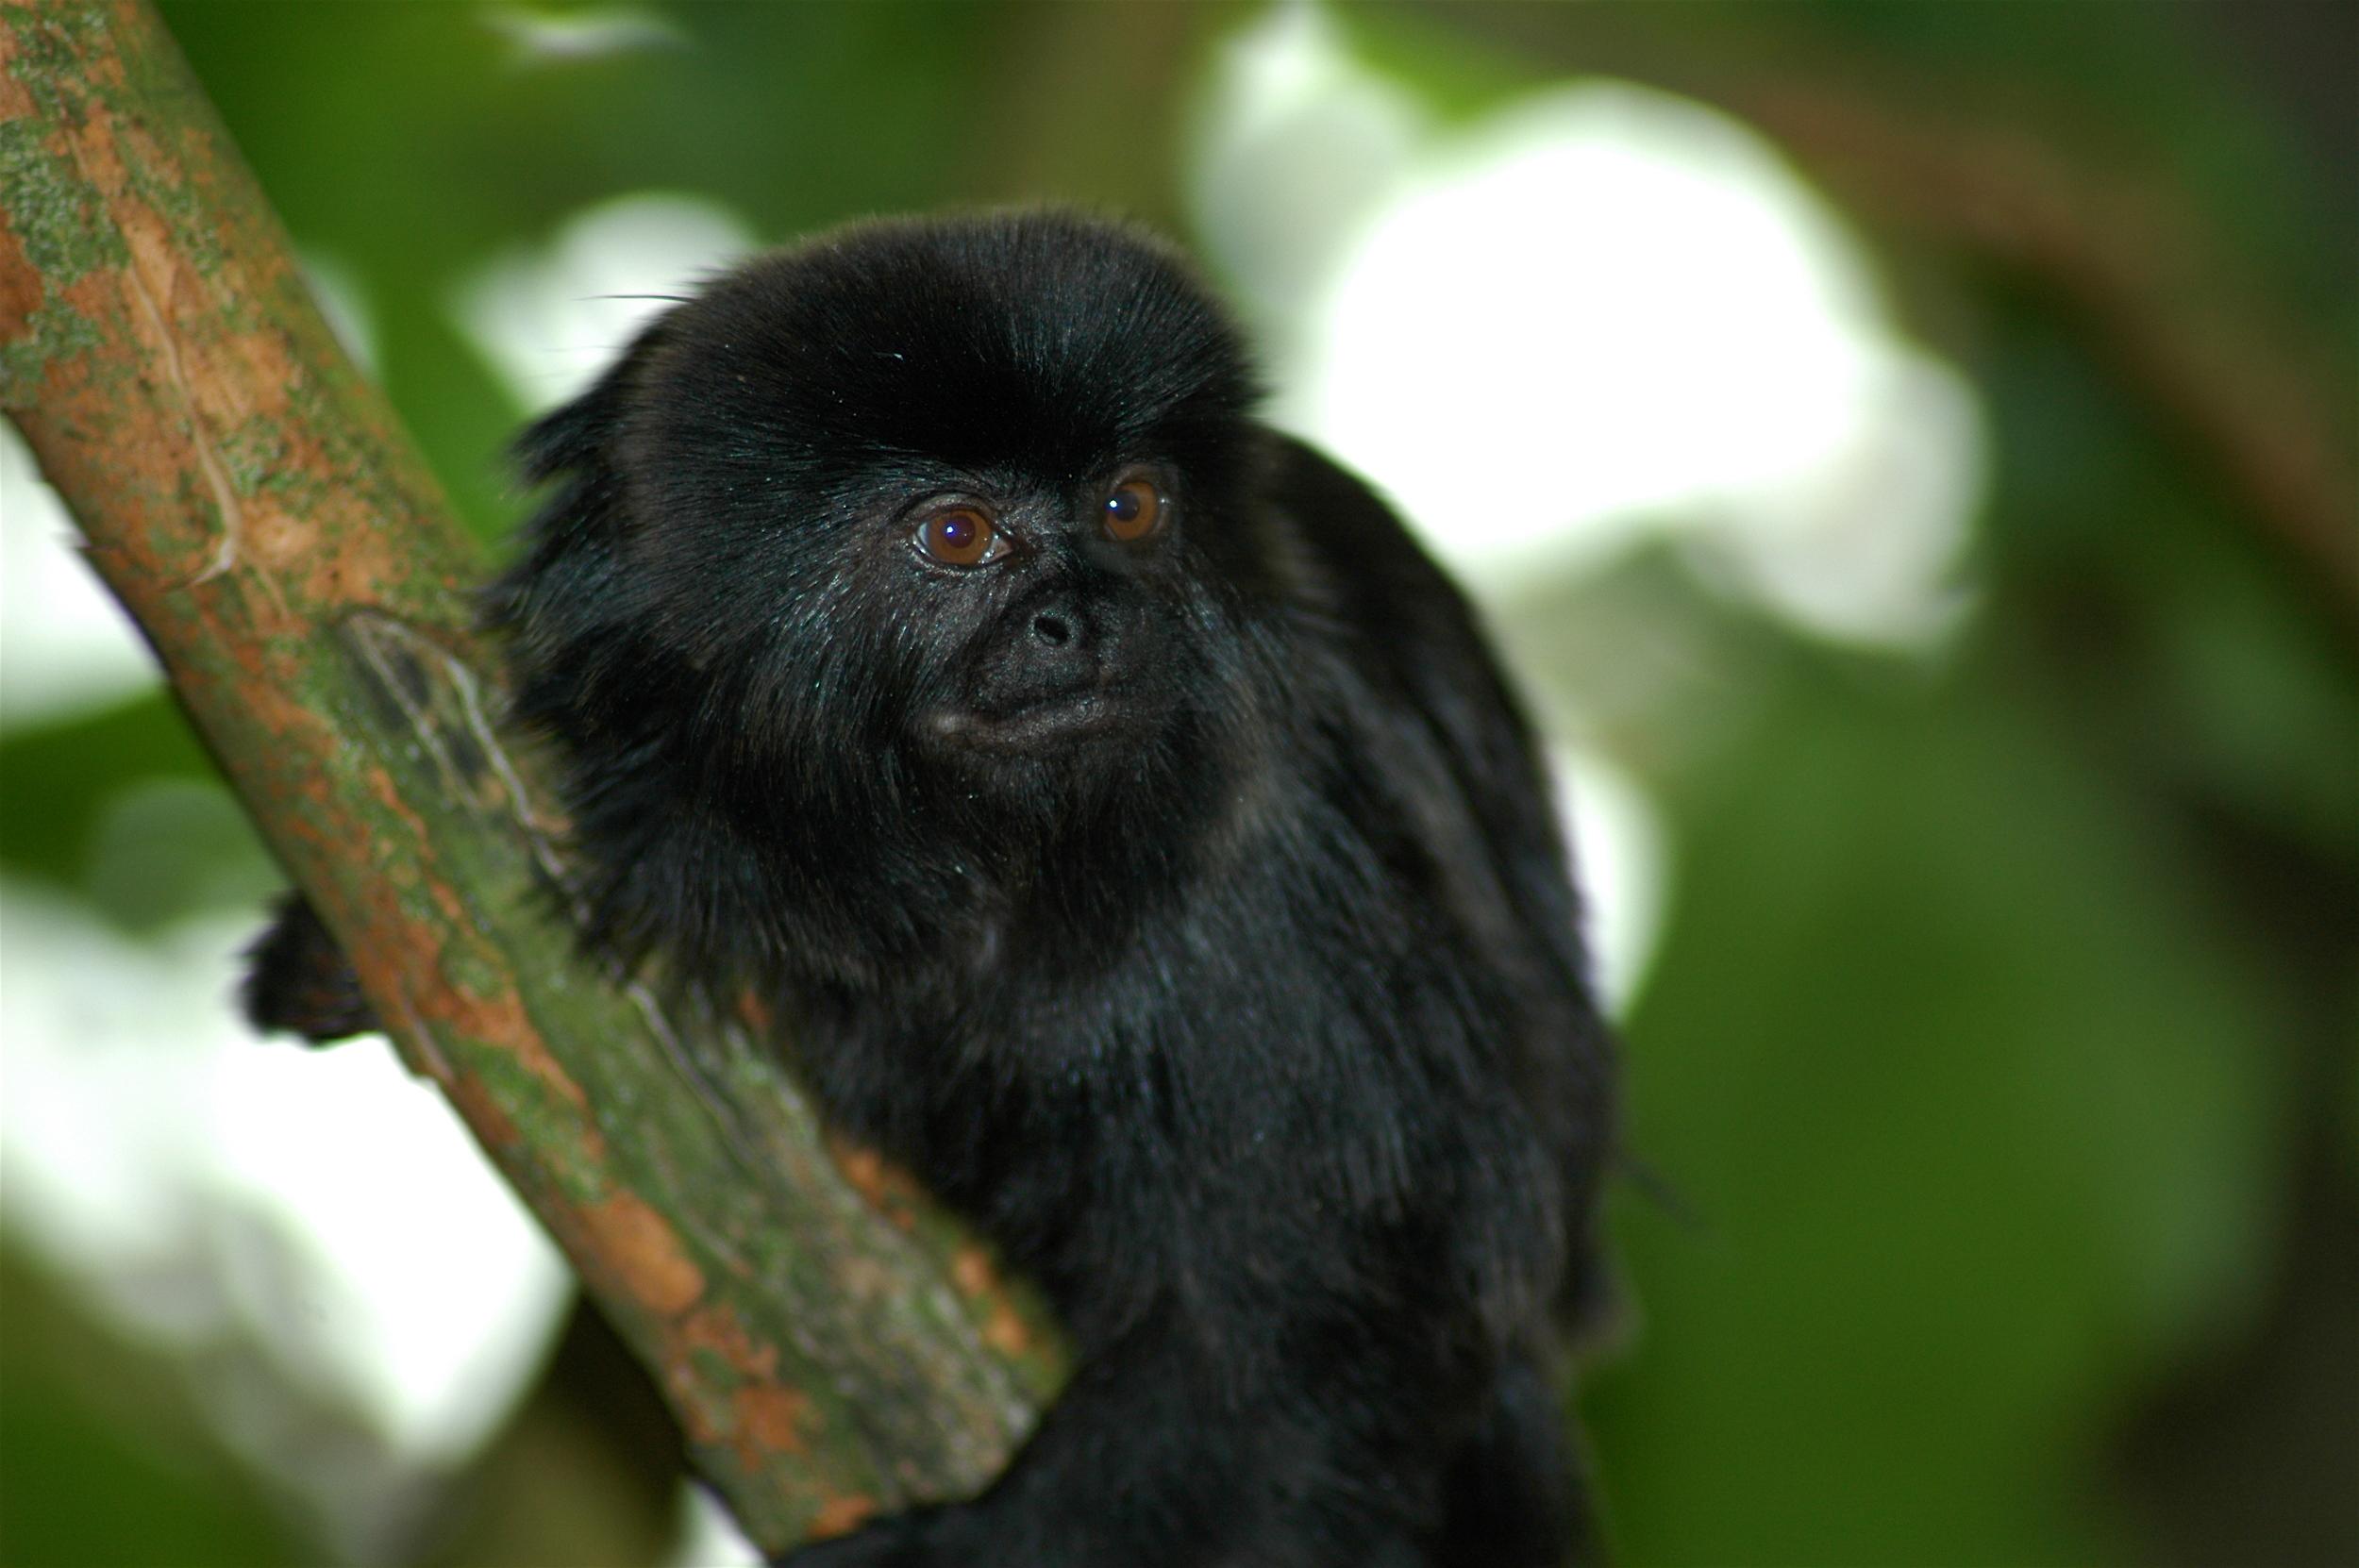 Titi monkey    Jeff Kubina/Wikimedia Commons  [ CC BY-SA 2.0 ]